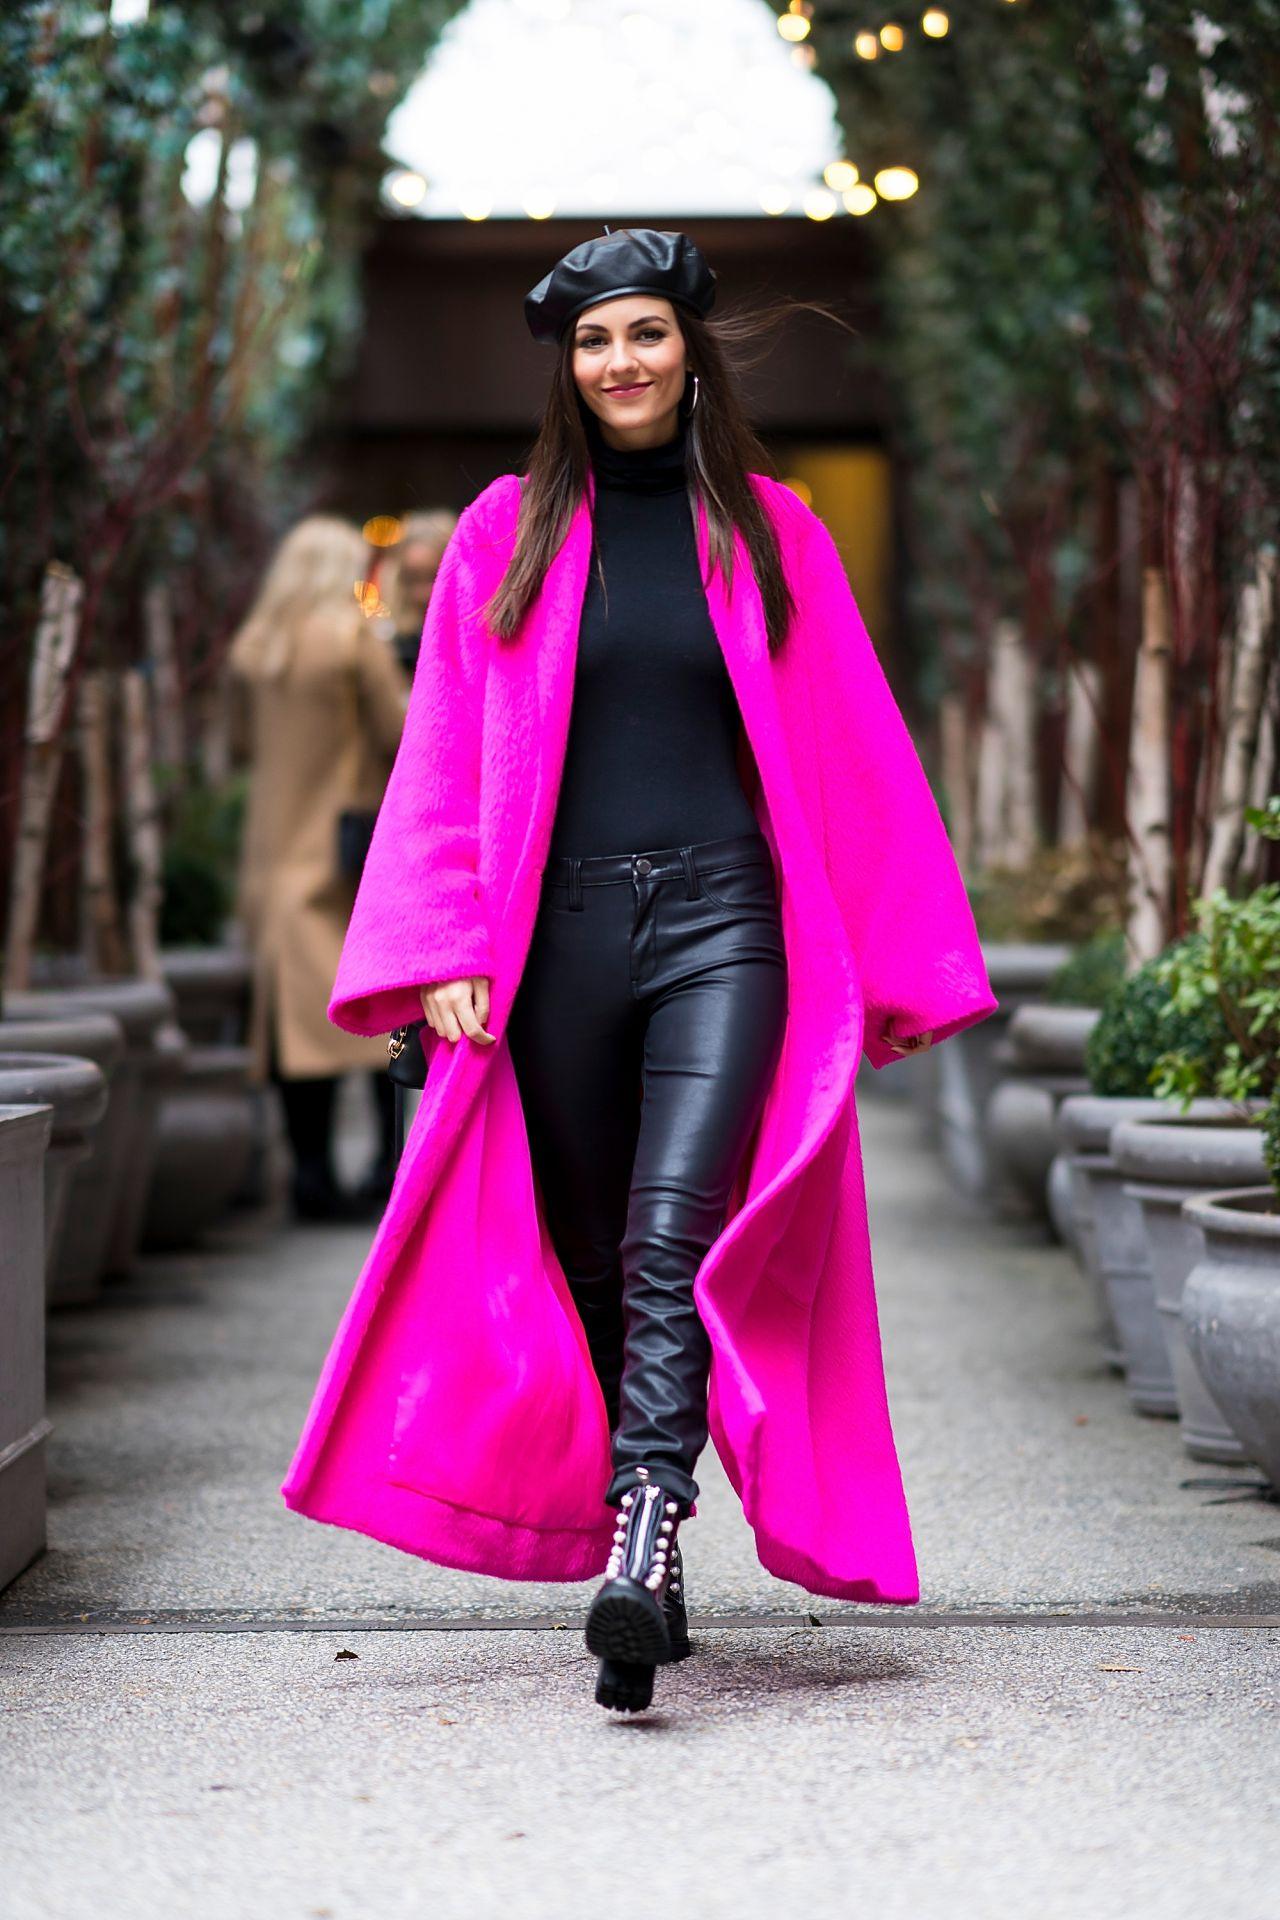 Fashion Fashion Magazine